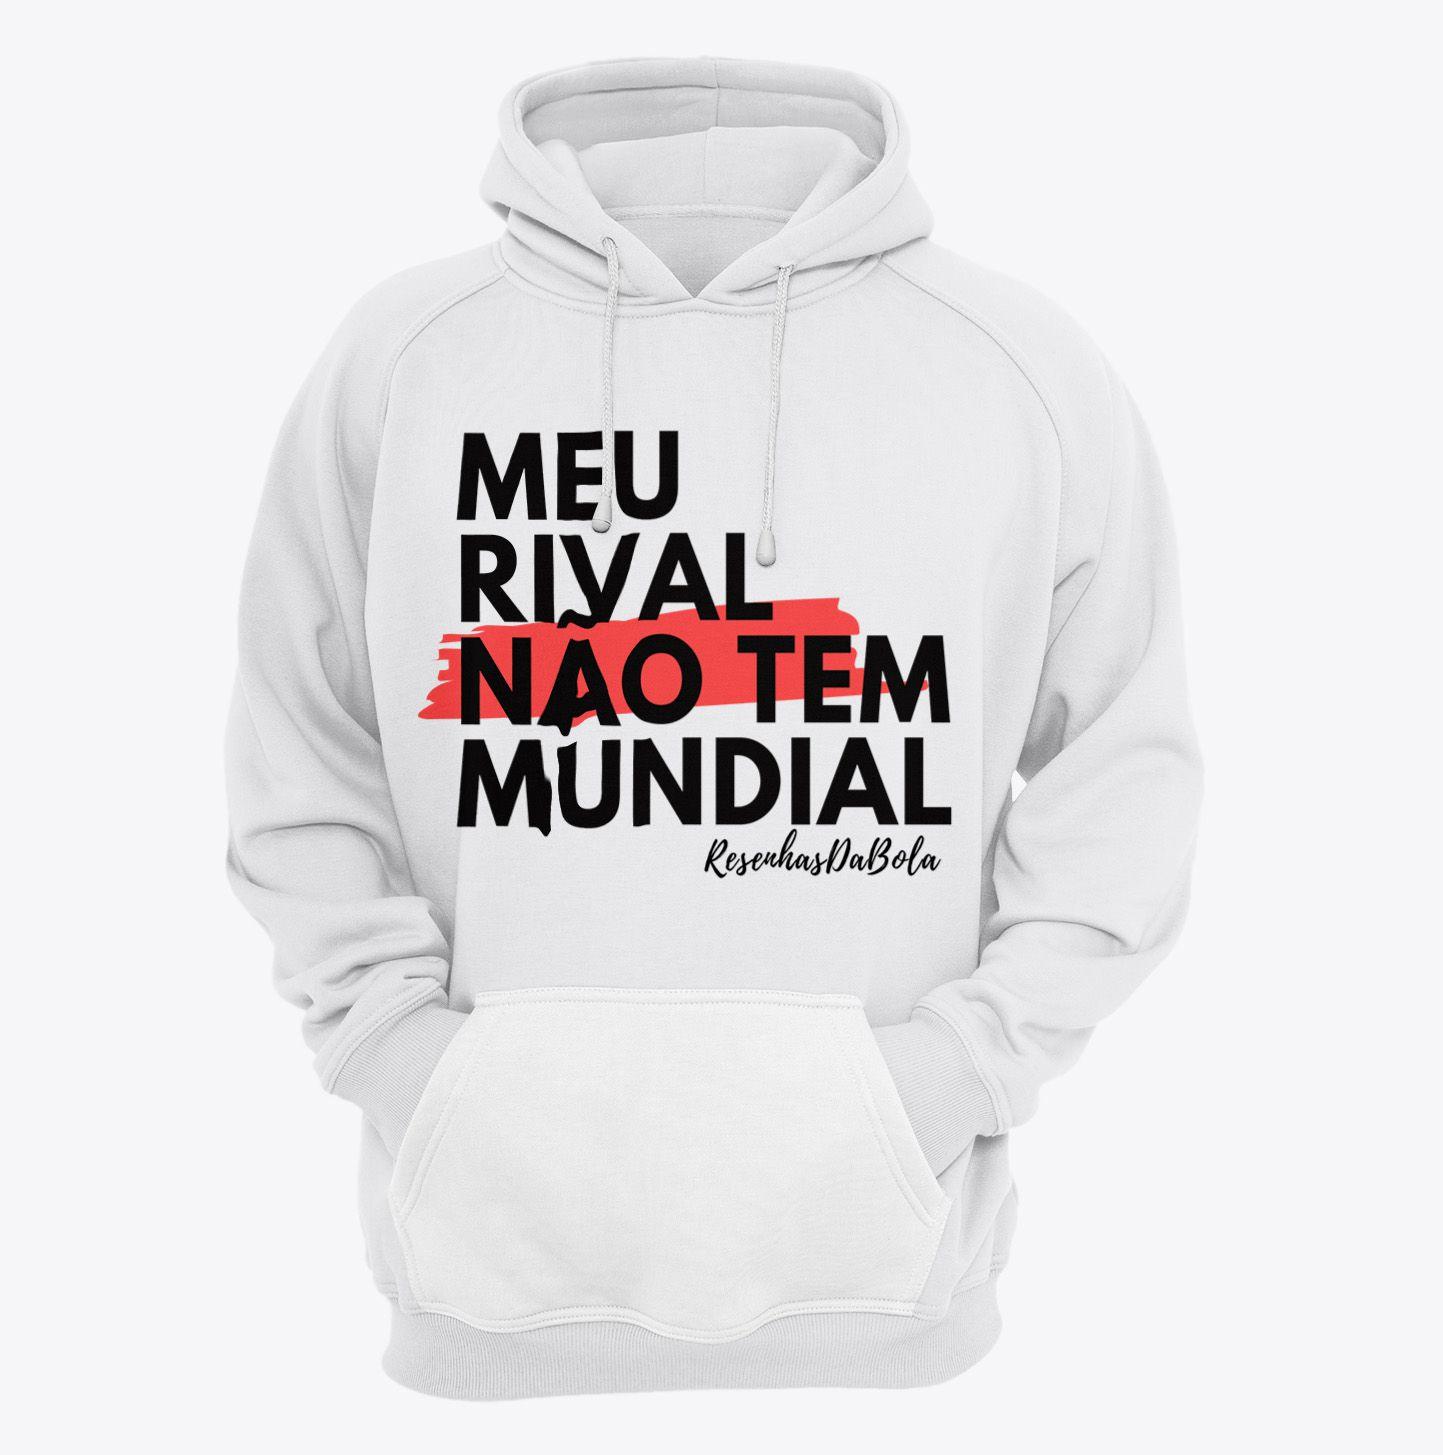 Moletom - MEU RIVAL, NÃO TEM MUNDIAL - Masculino